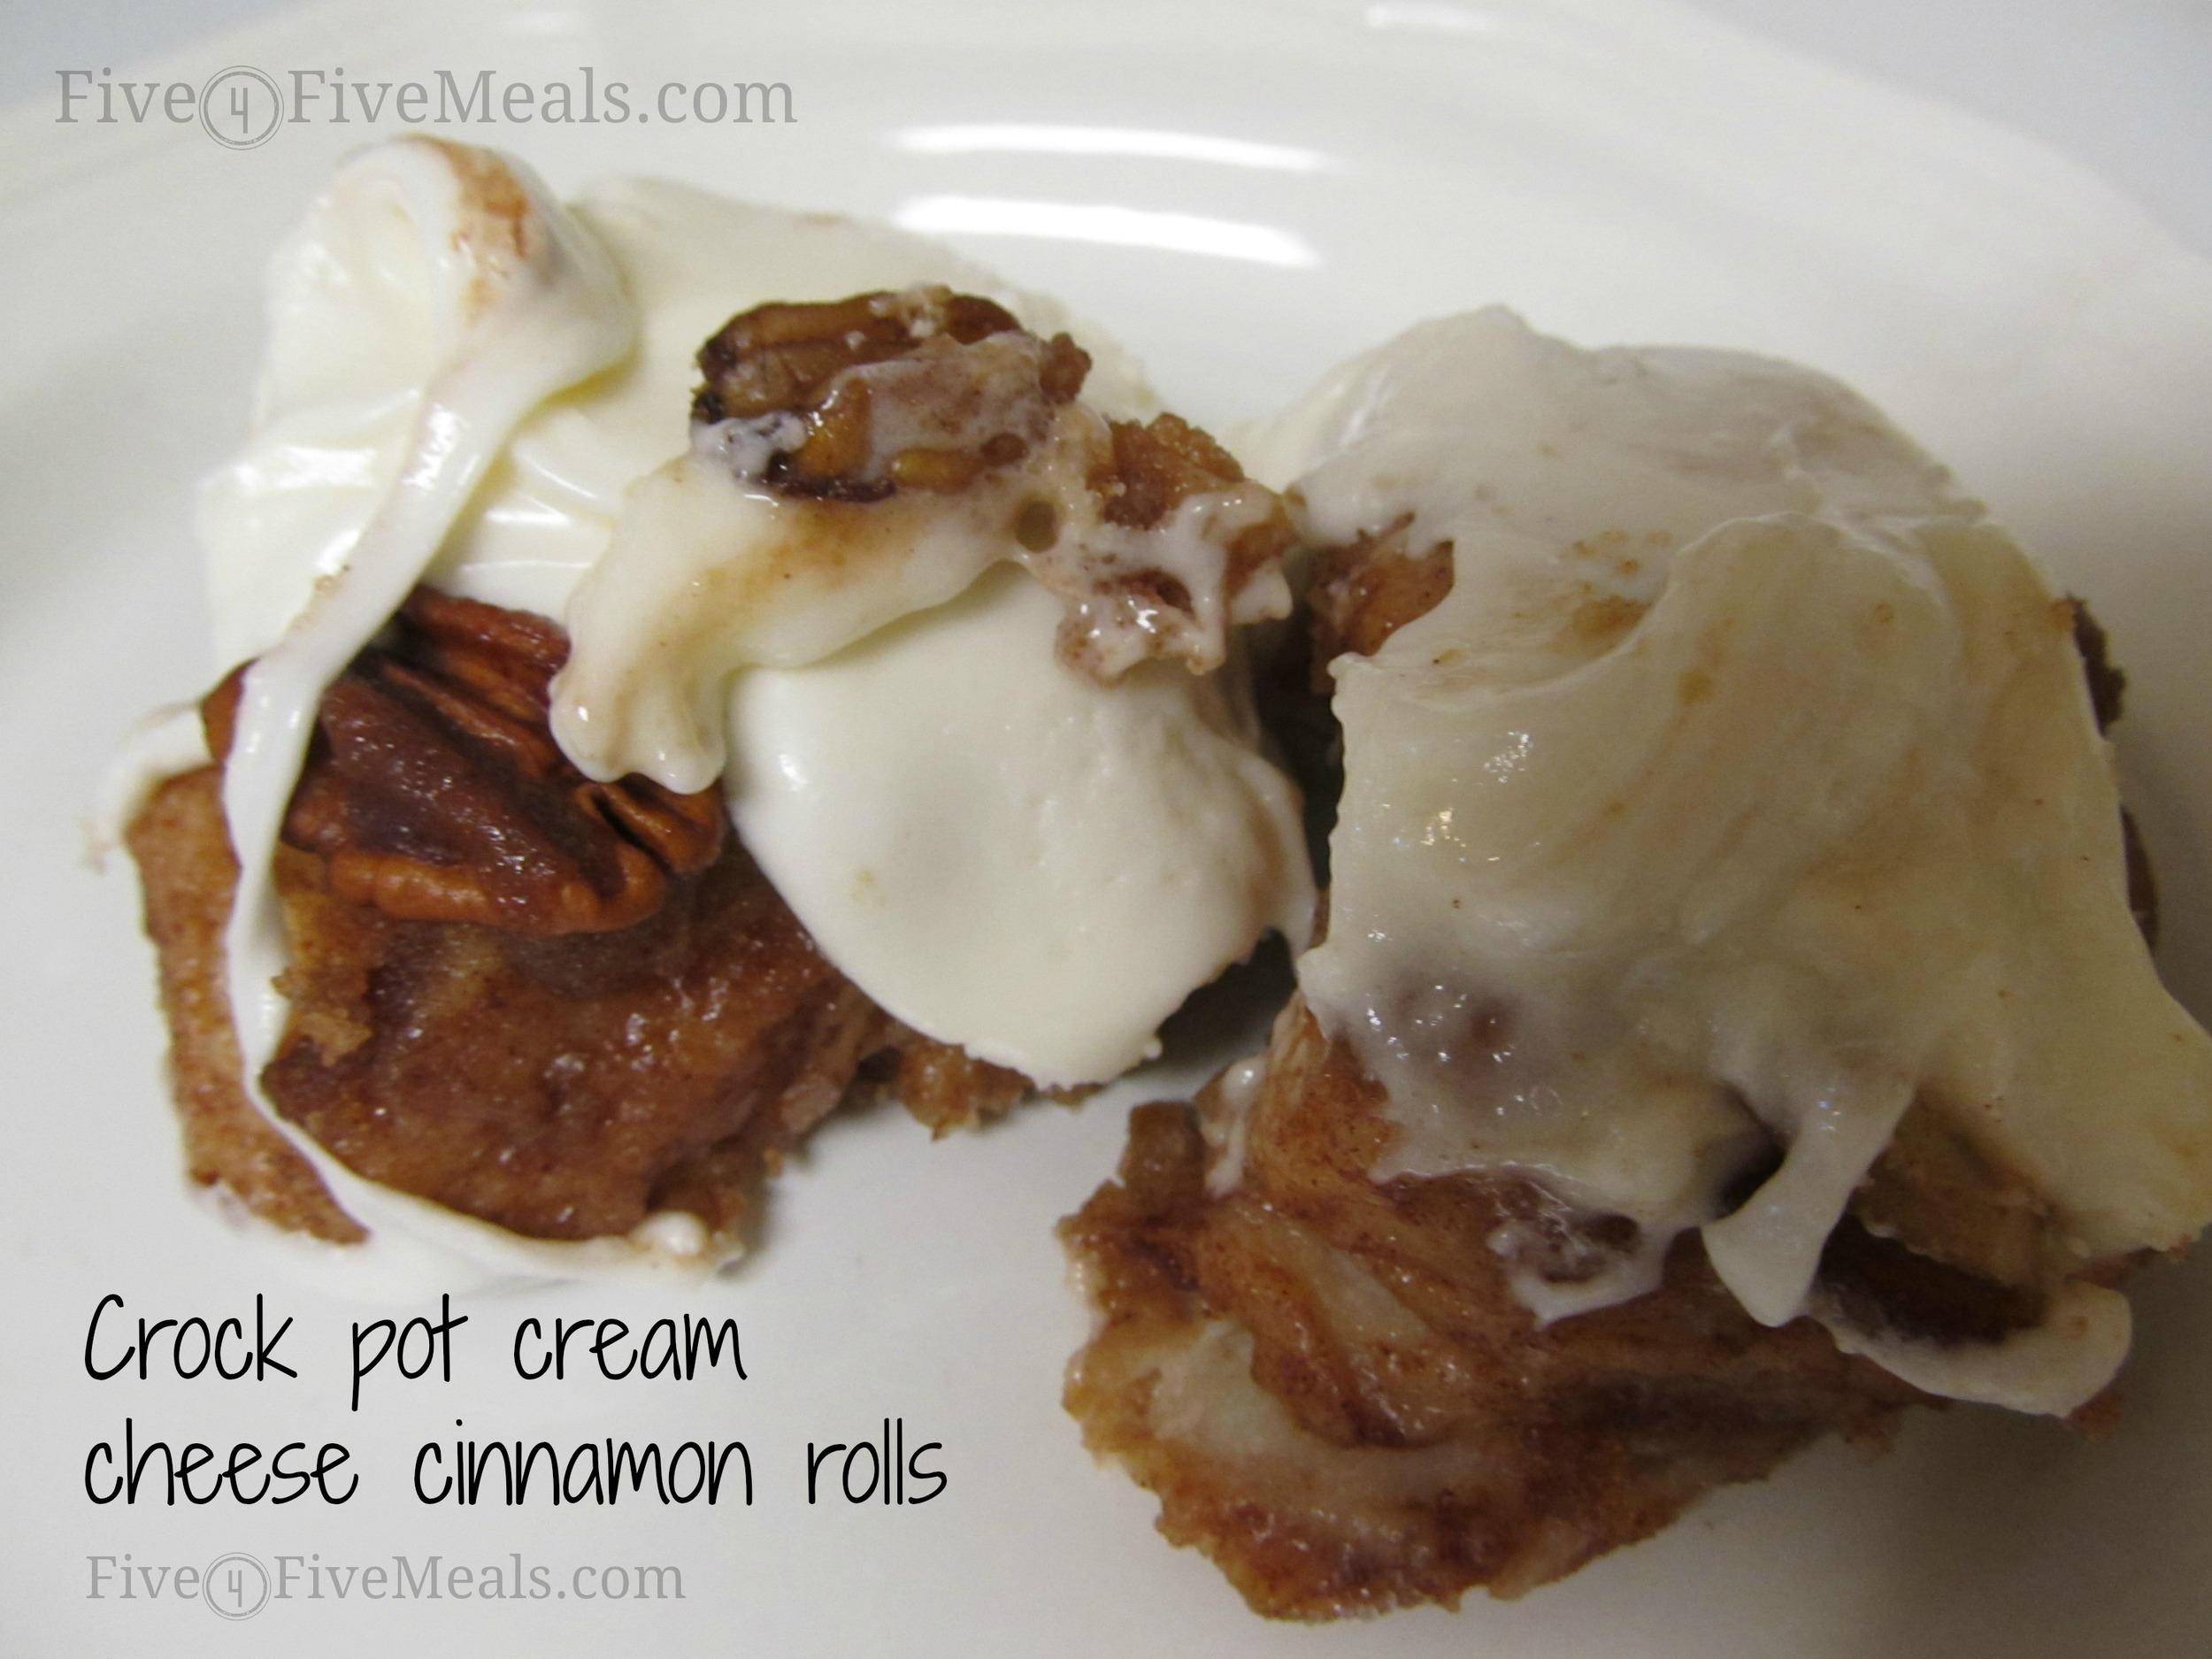 crock pot cinnamon rolls.jpg